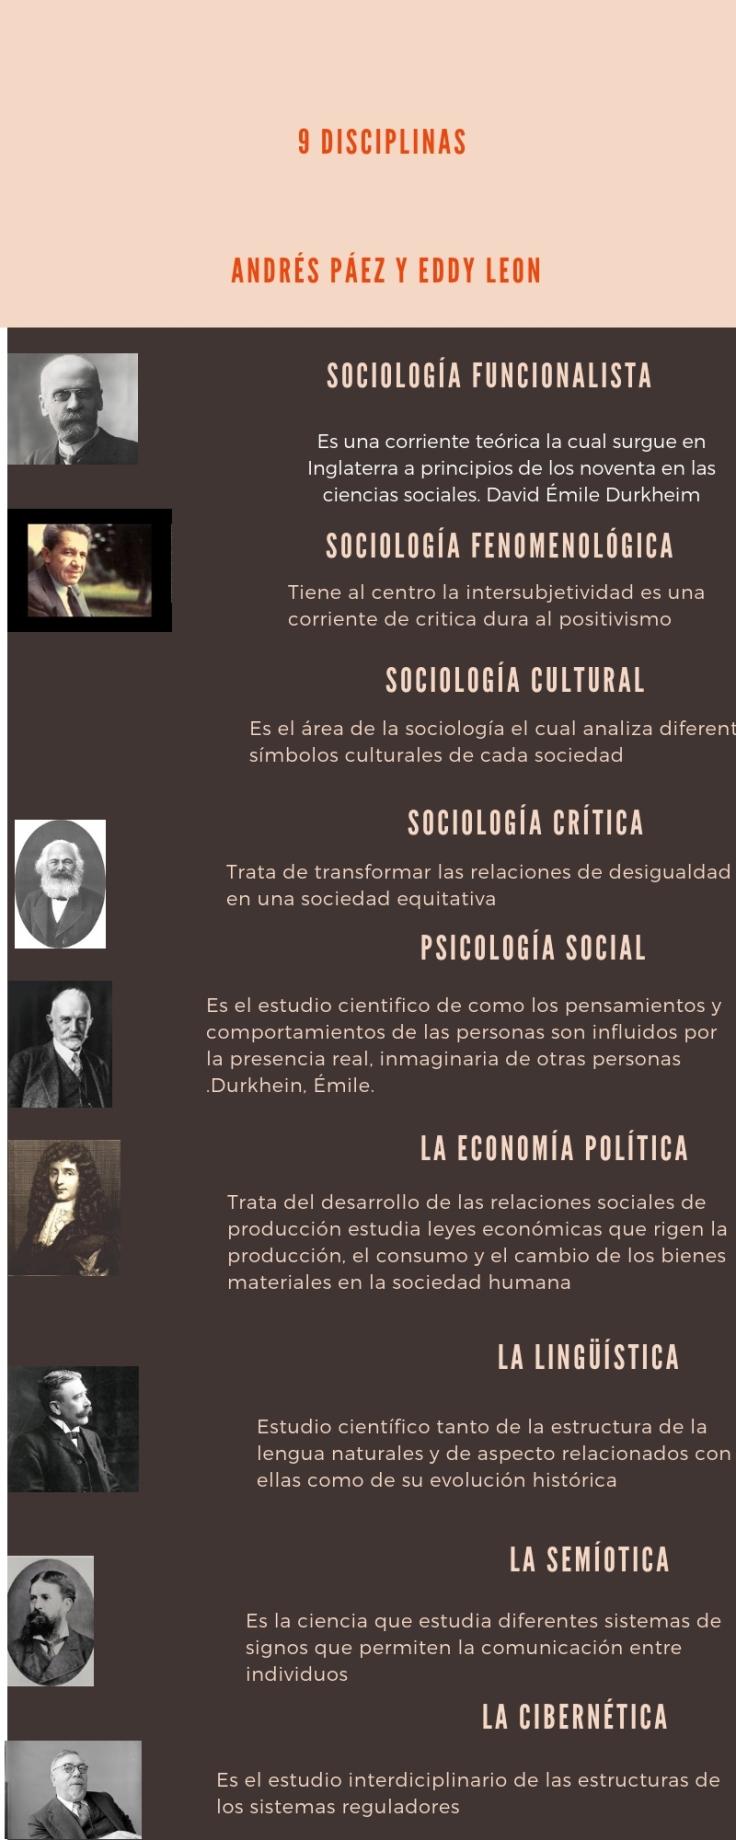 4 Páez y León .jpg